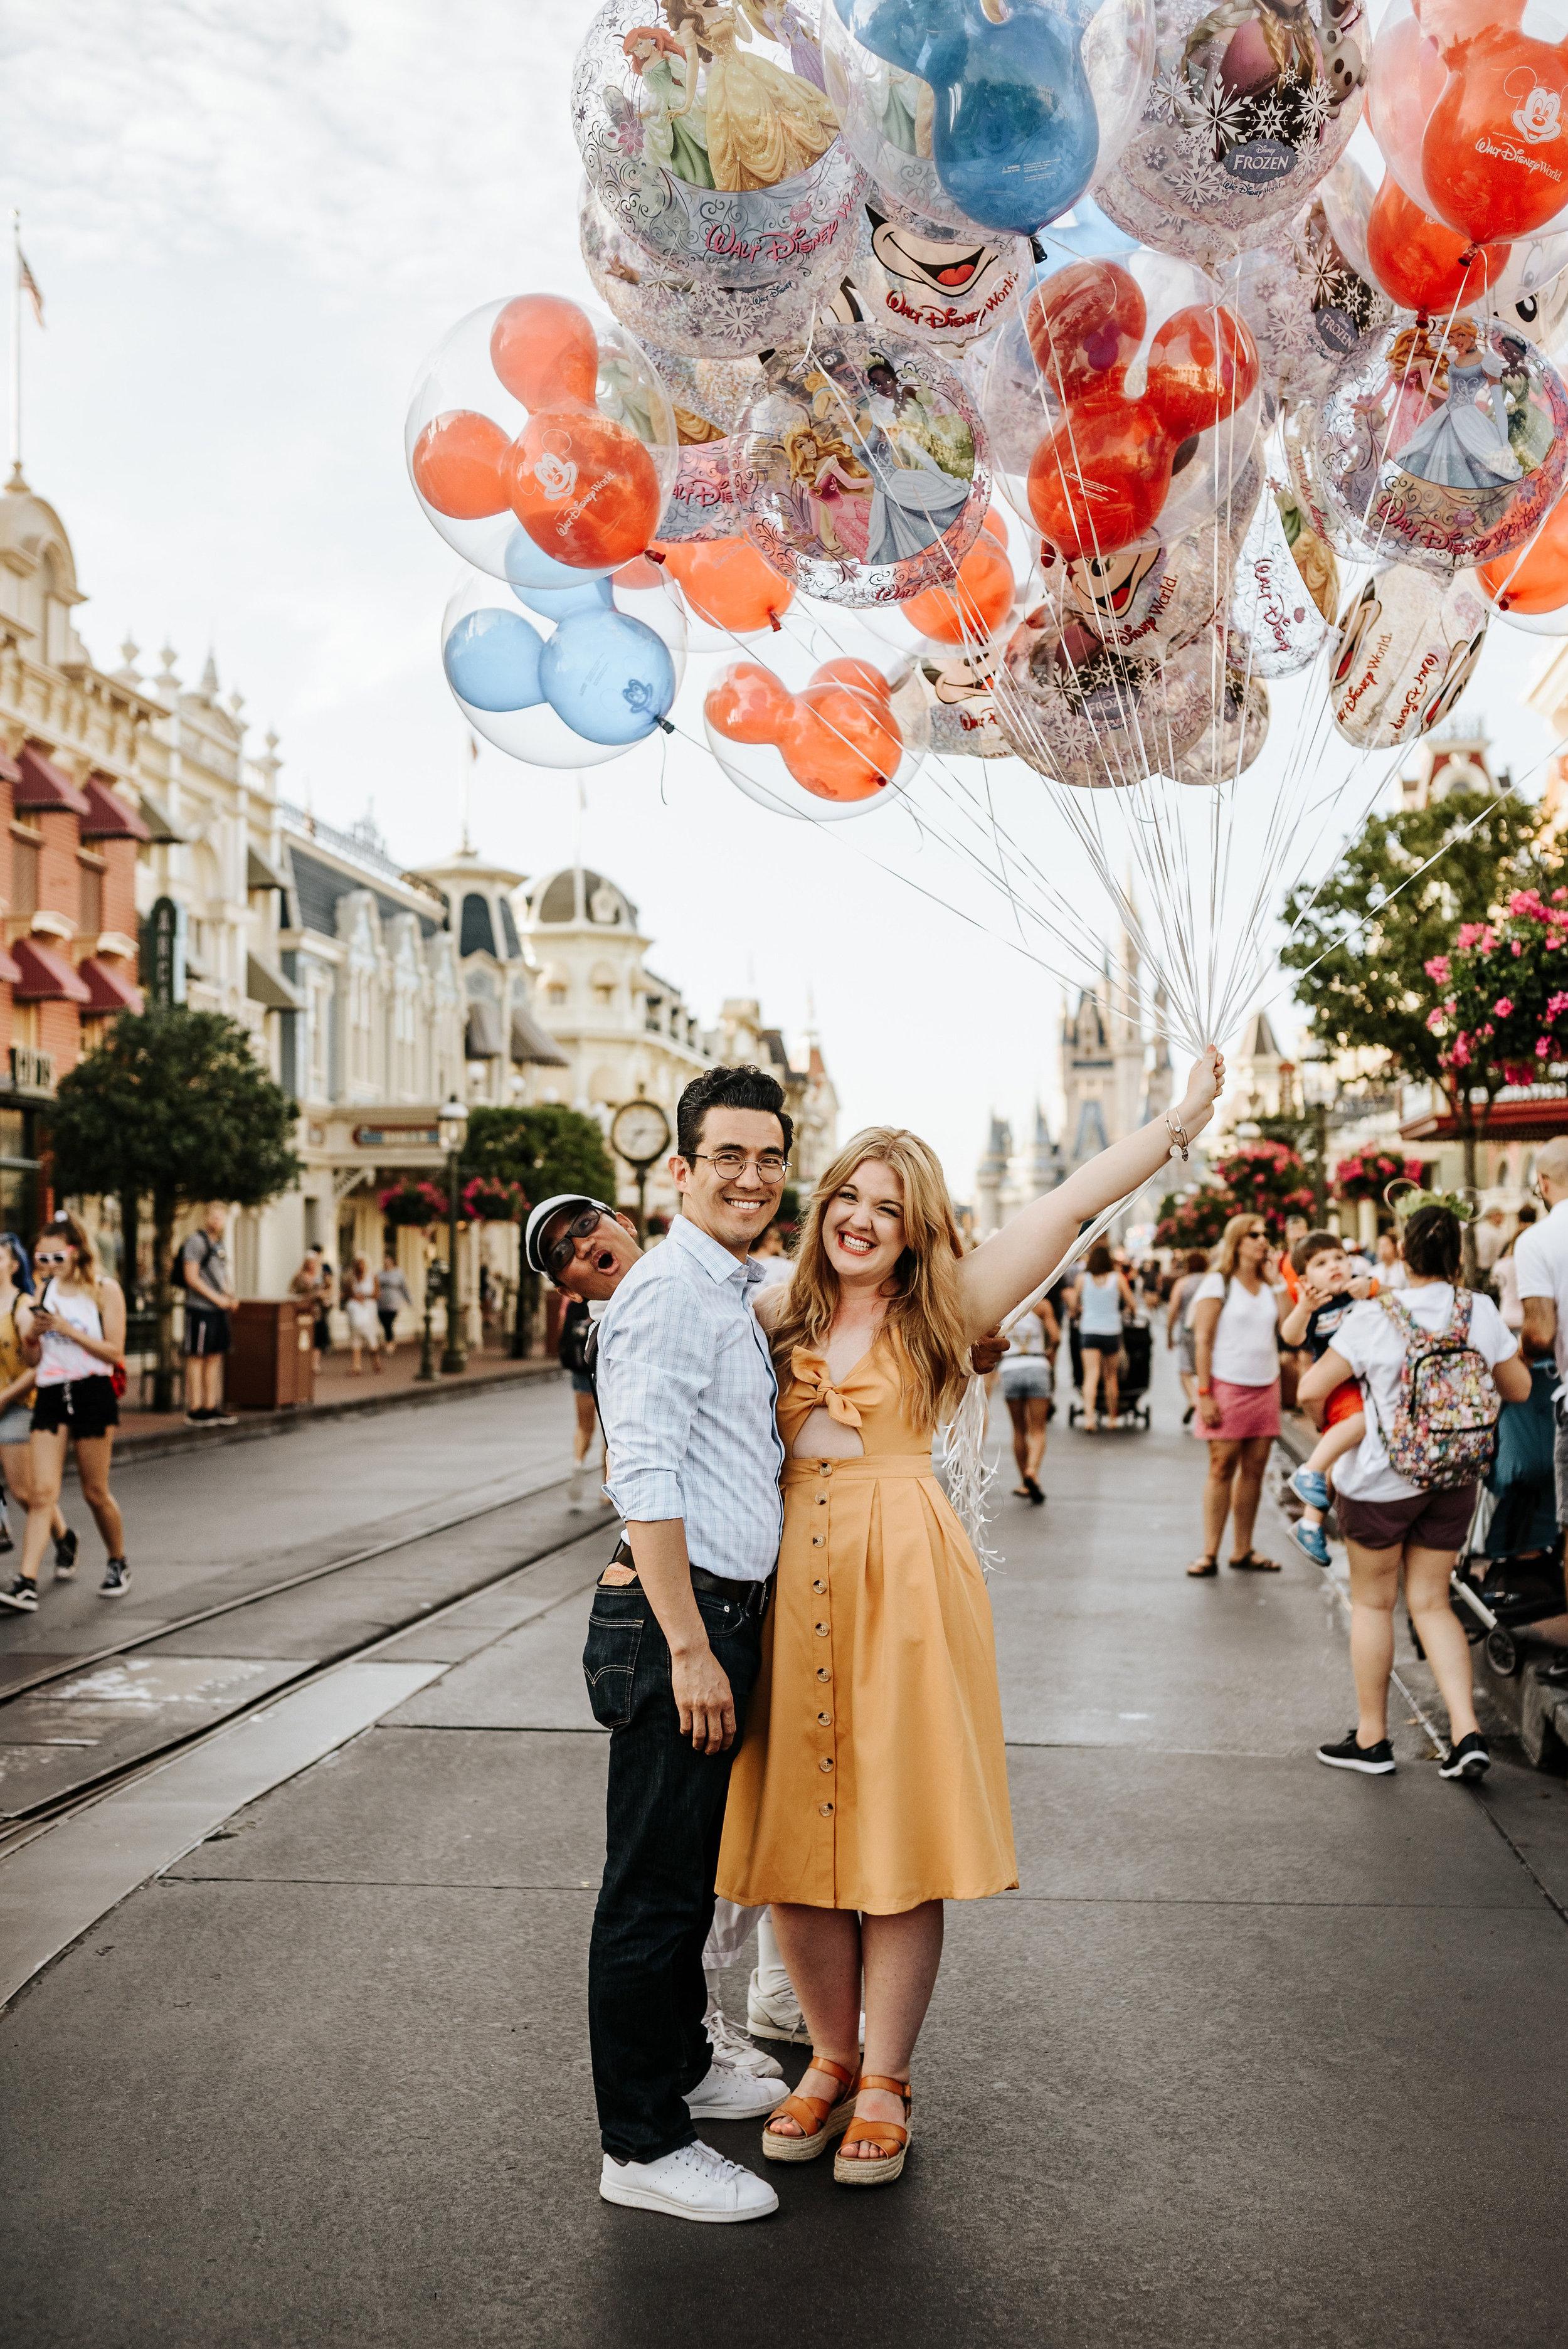 Kelsey_John_Disney_Magic_Kingdom_Engagement_Session_Orlando_Florida_Wedding_Photography_by_V_2199.jpg